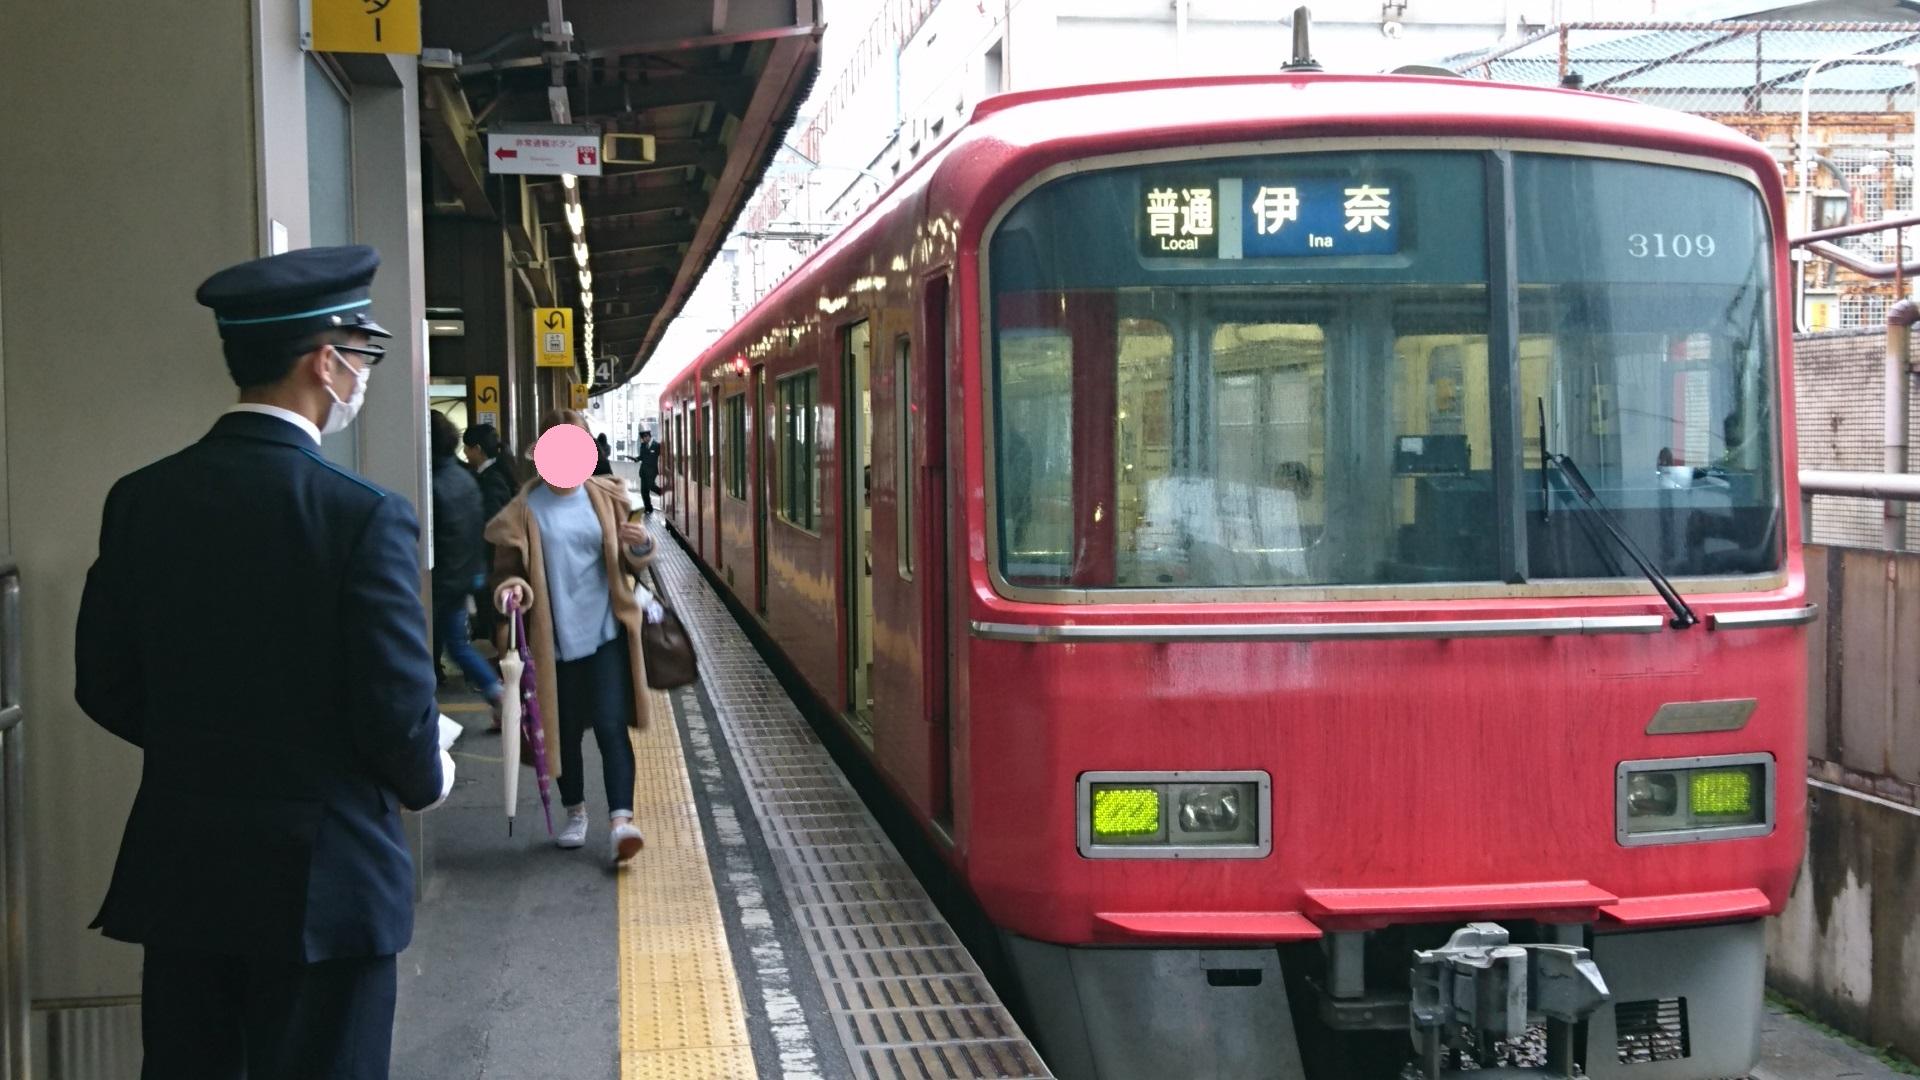 2017.4.11 名鉄 (9) 東岡崎 - 伊奈いきふつう 1920-1080